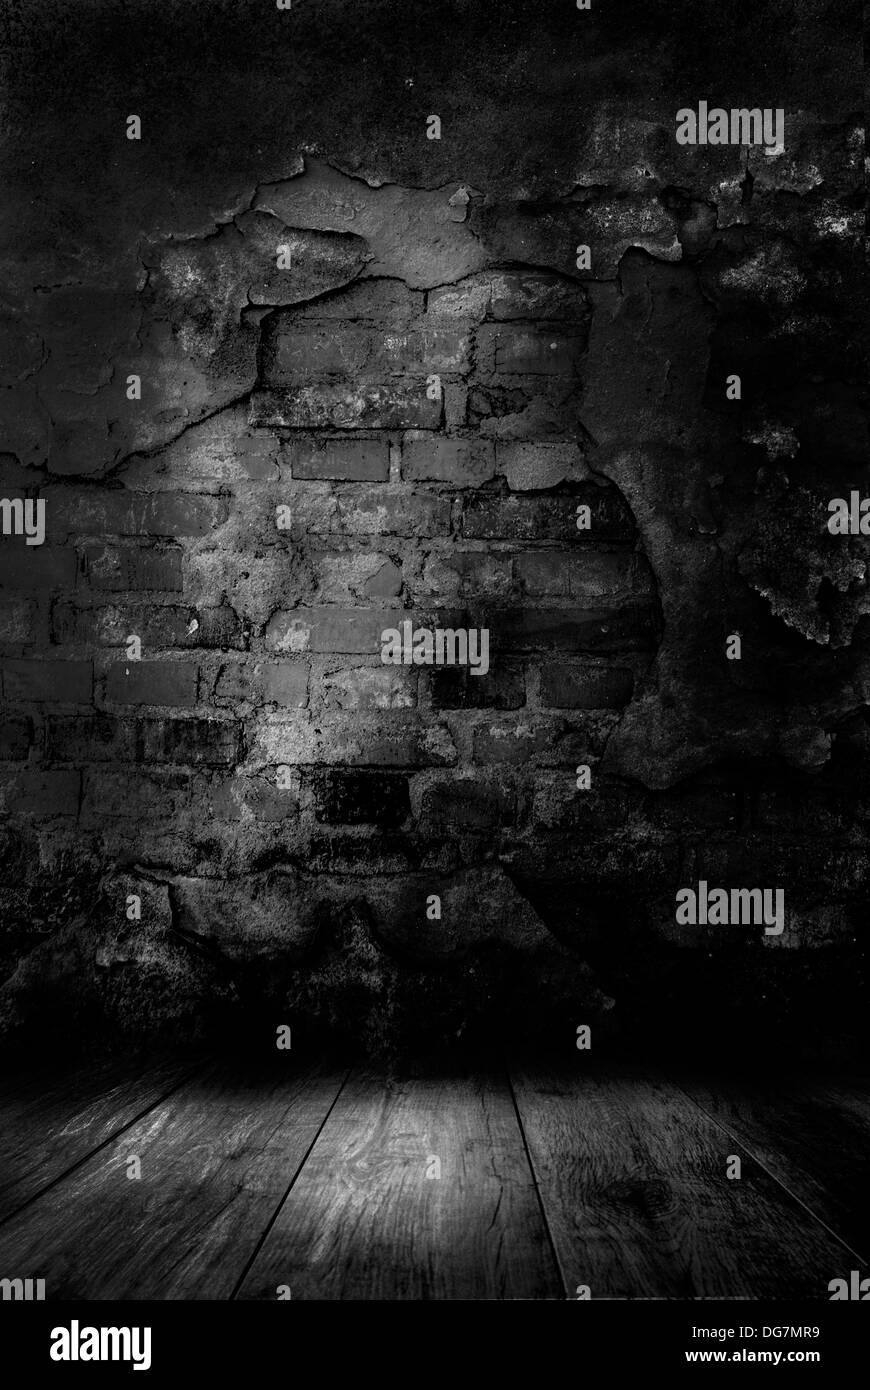 chambre sombre mystérieux mur détruit banque d'images, photo stock